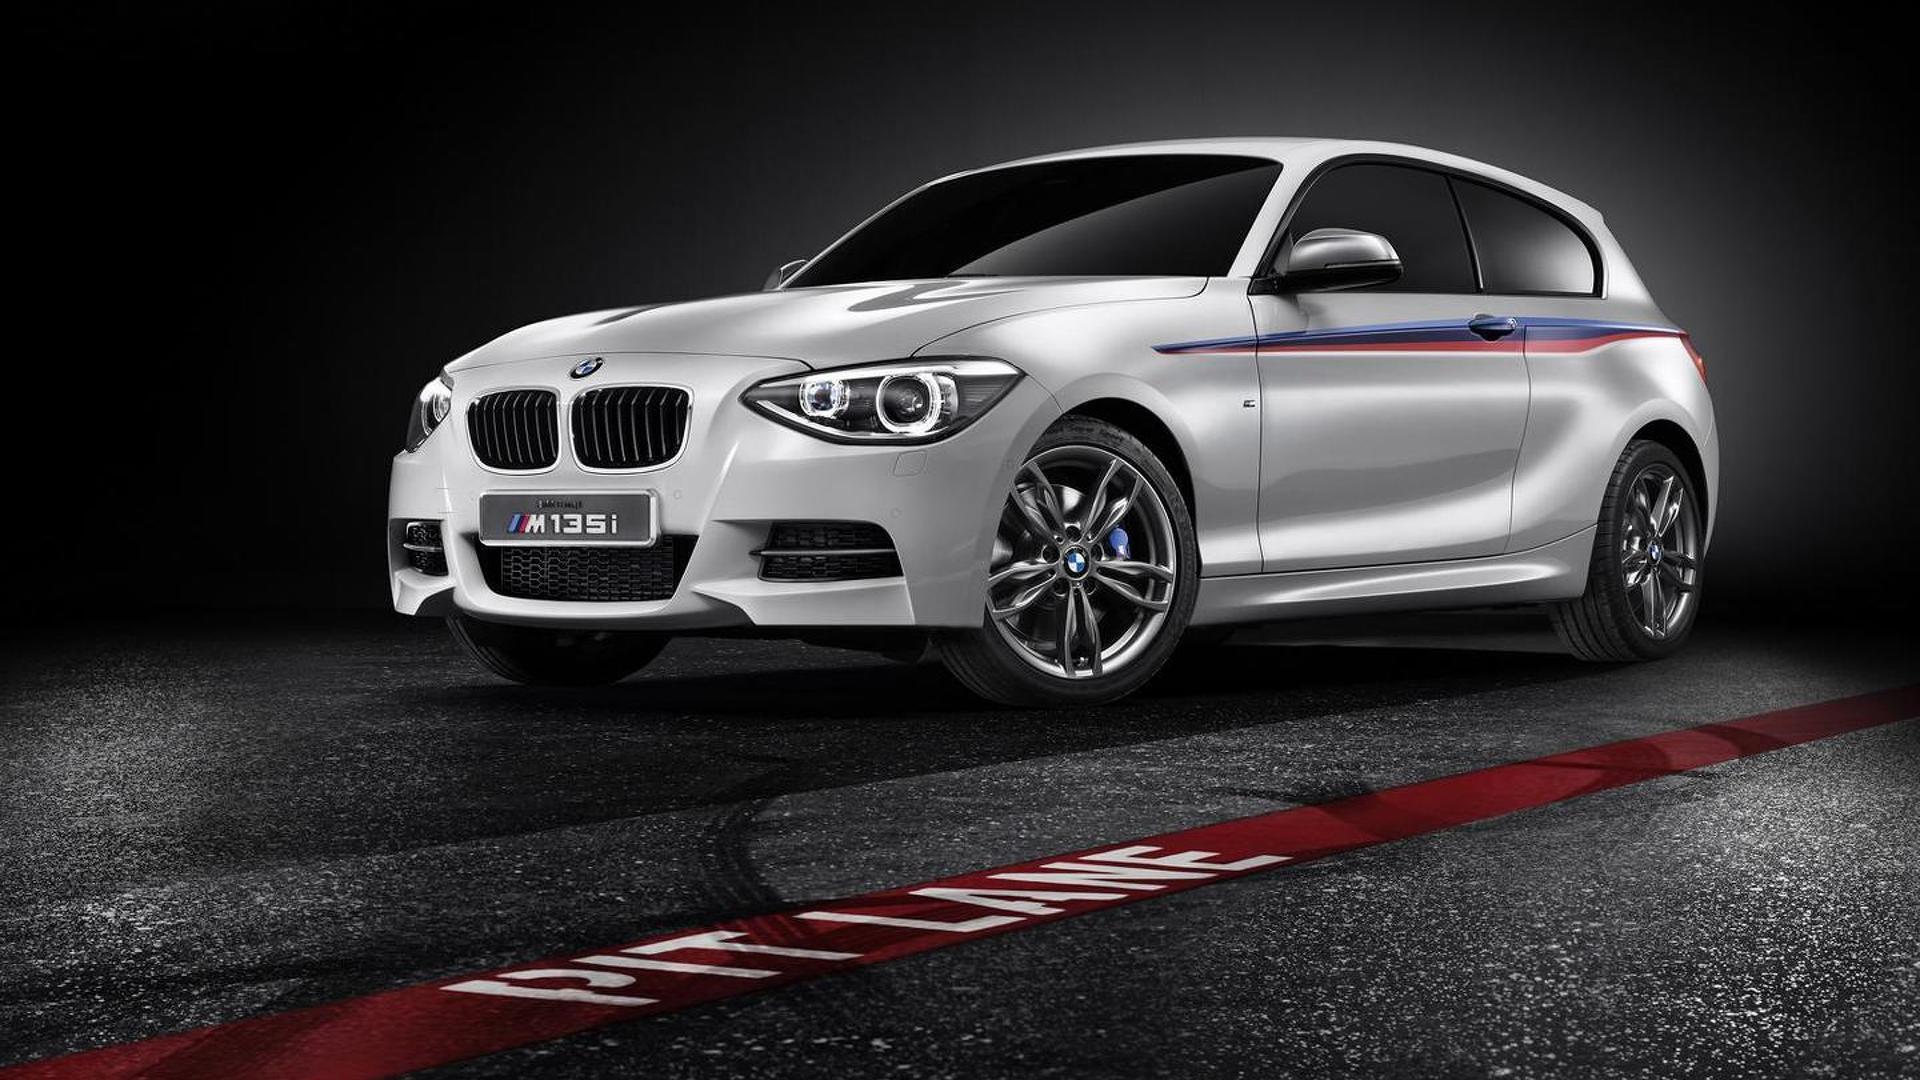 BMW Concept M135i revealed